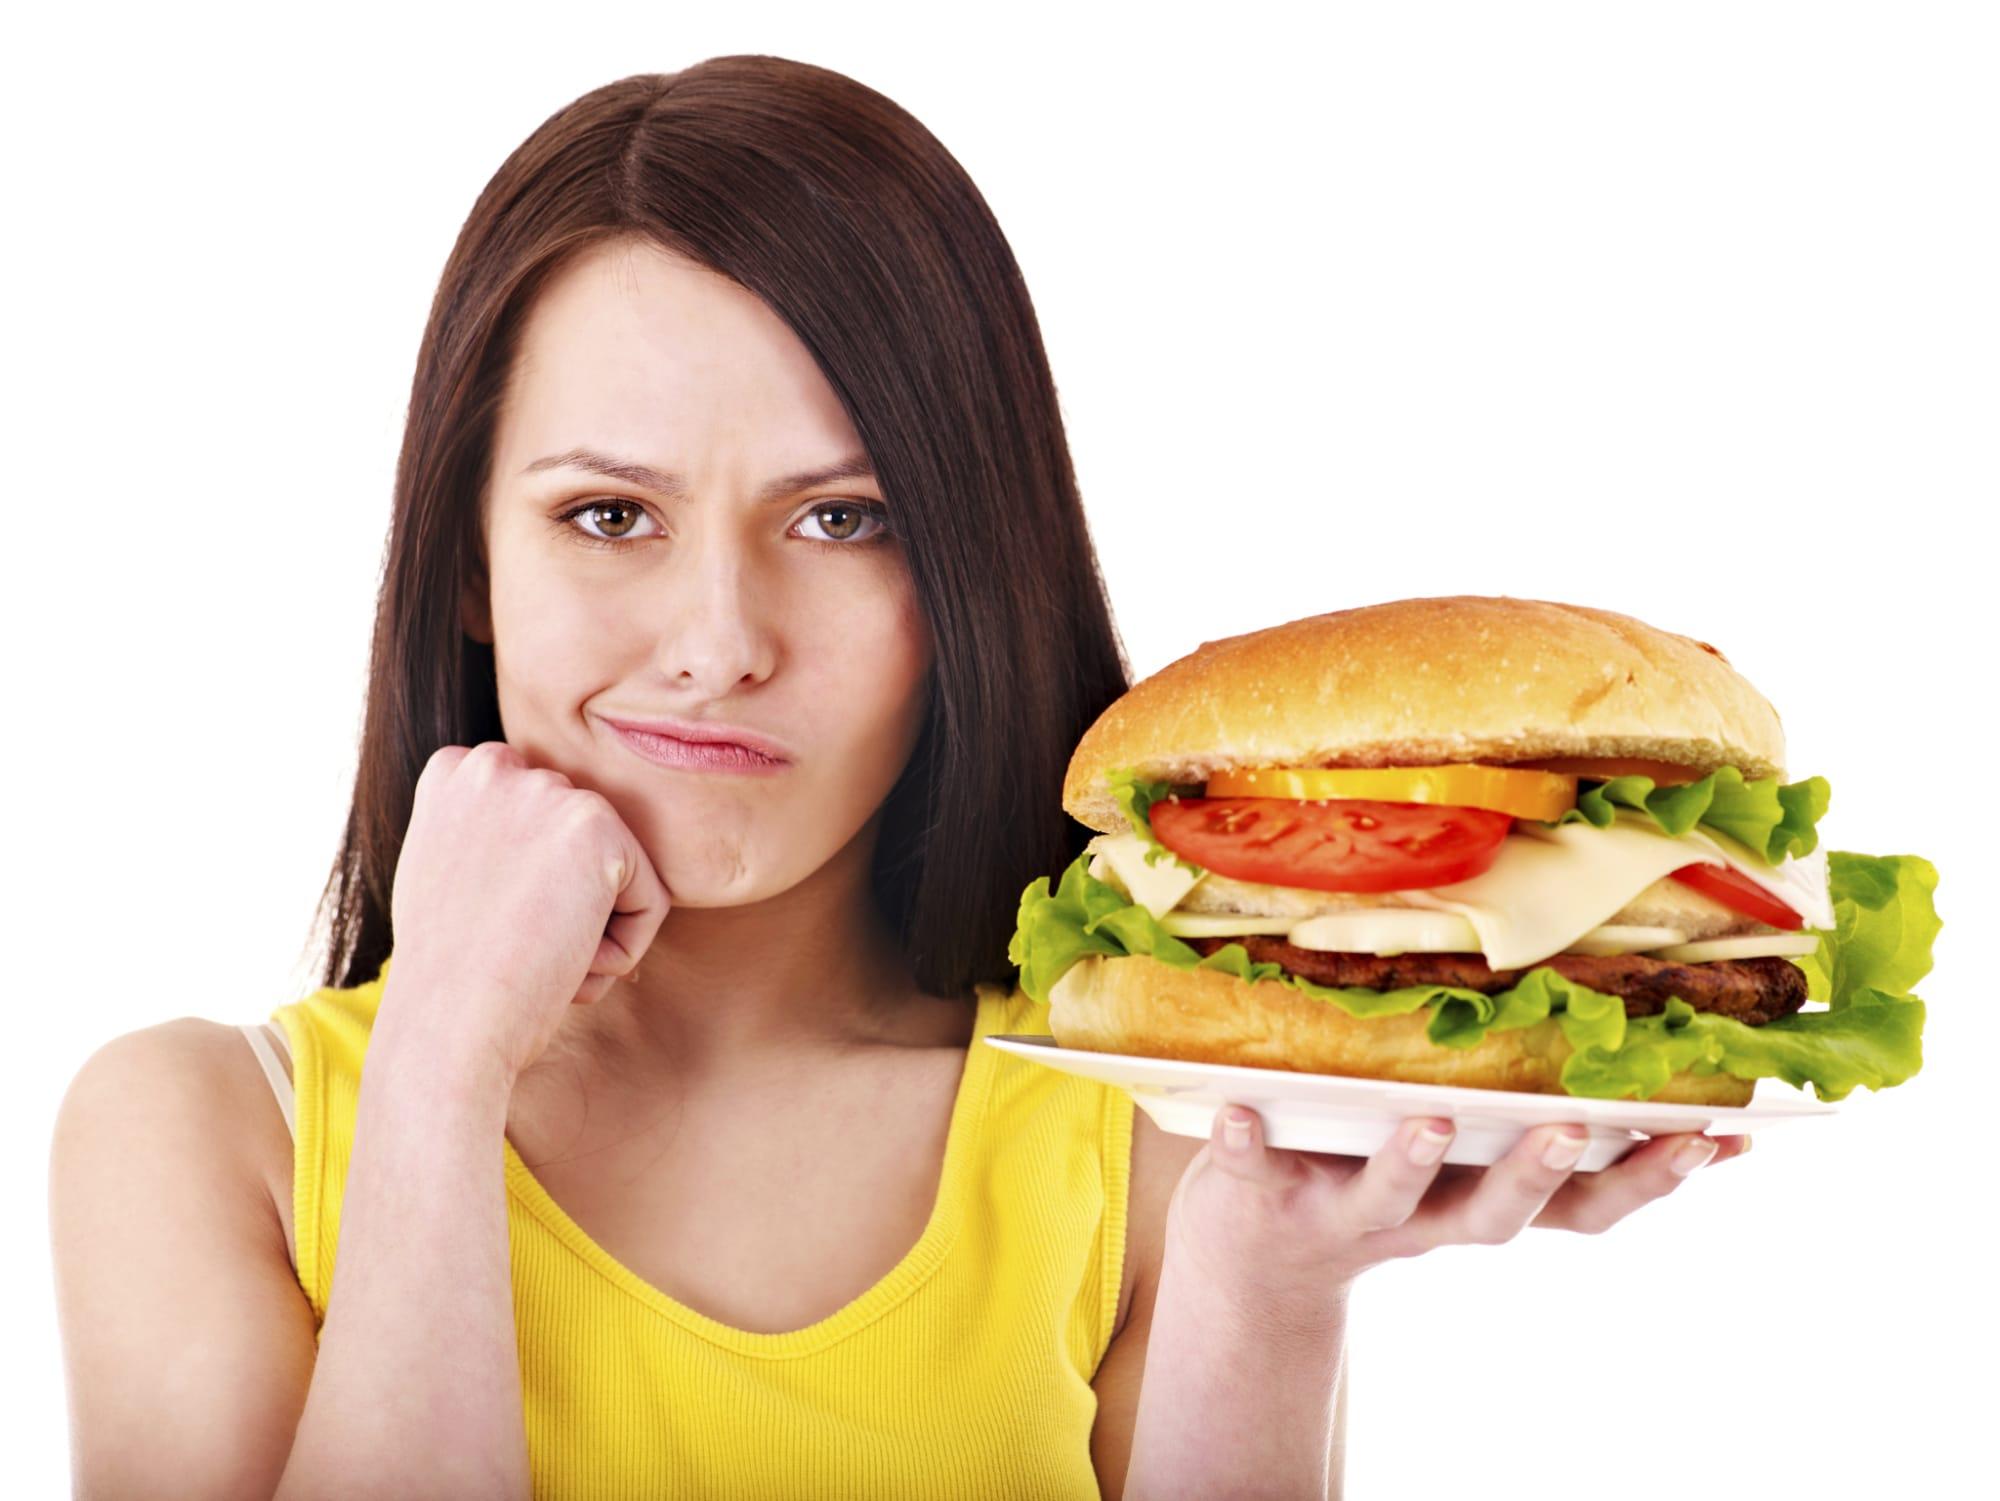 obesita-cancro-aumento-rischio-sovrappeso-ricerca-scientifica-1